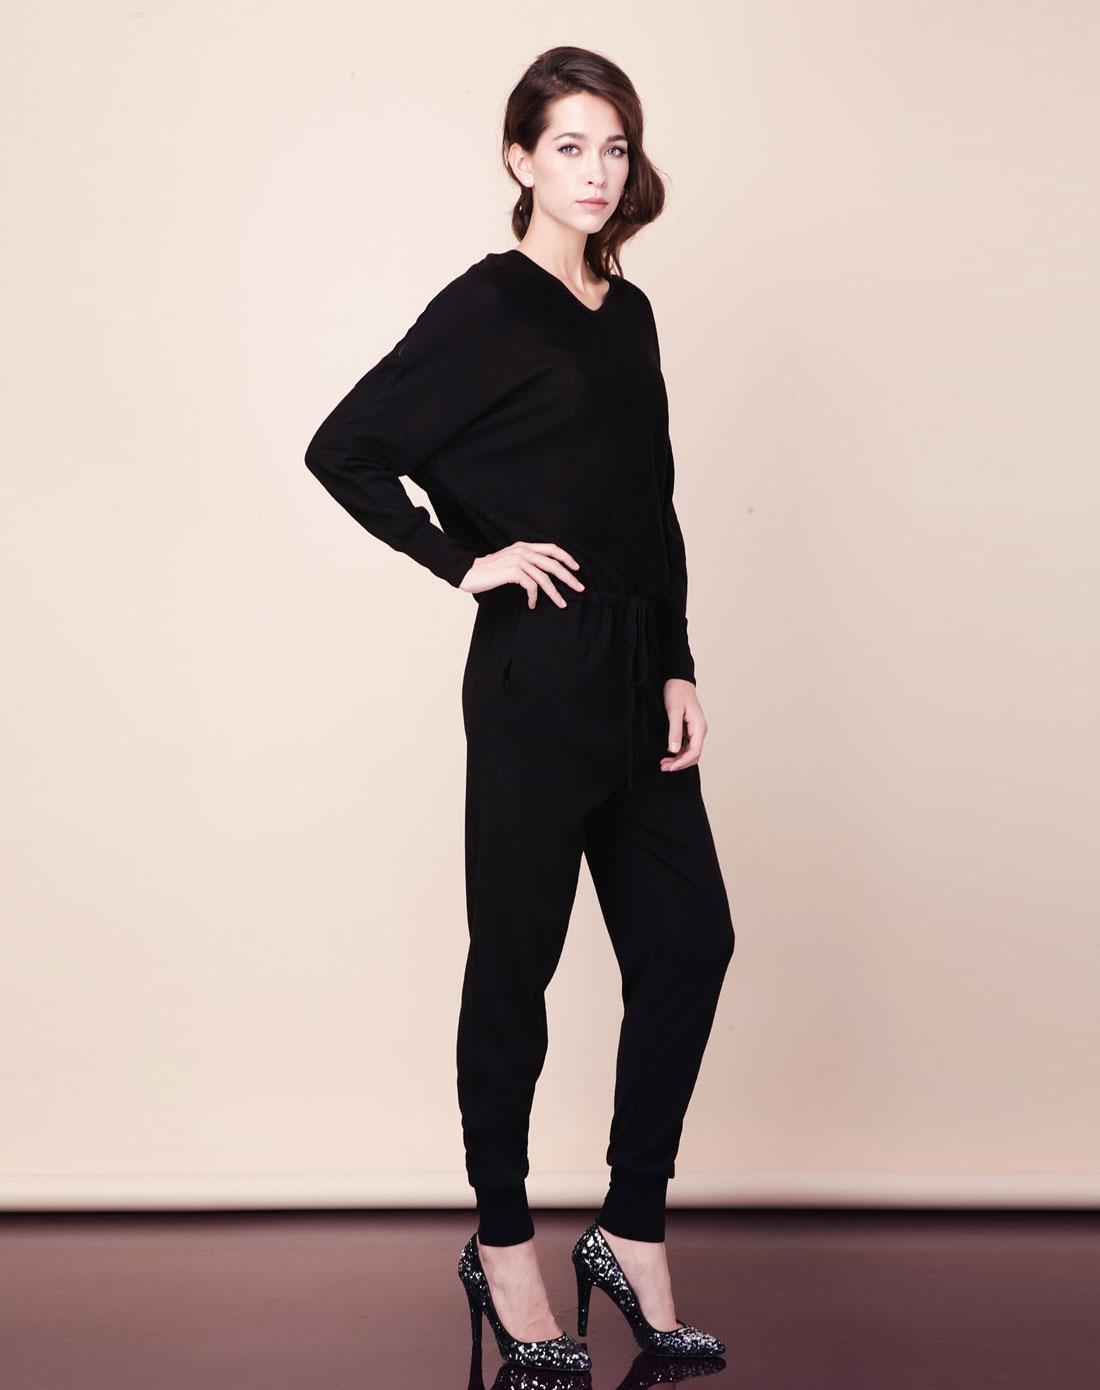 莱茵 黑色针织连身裤图片